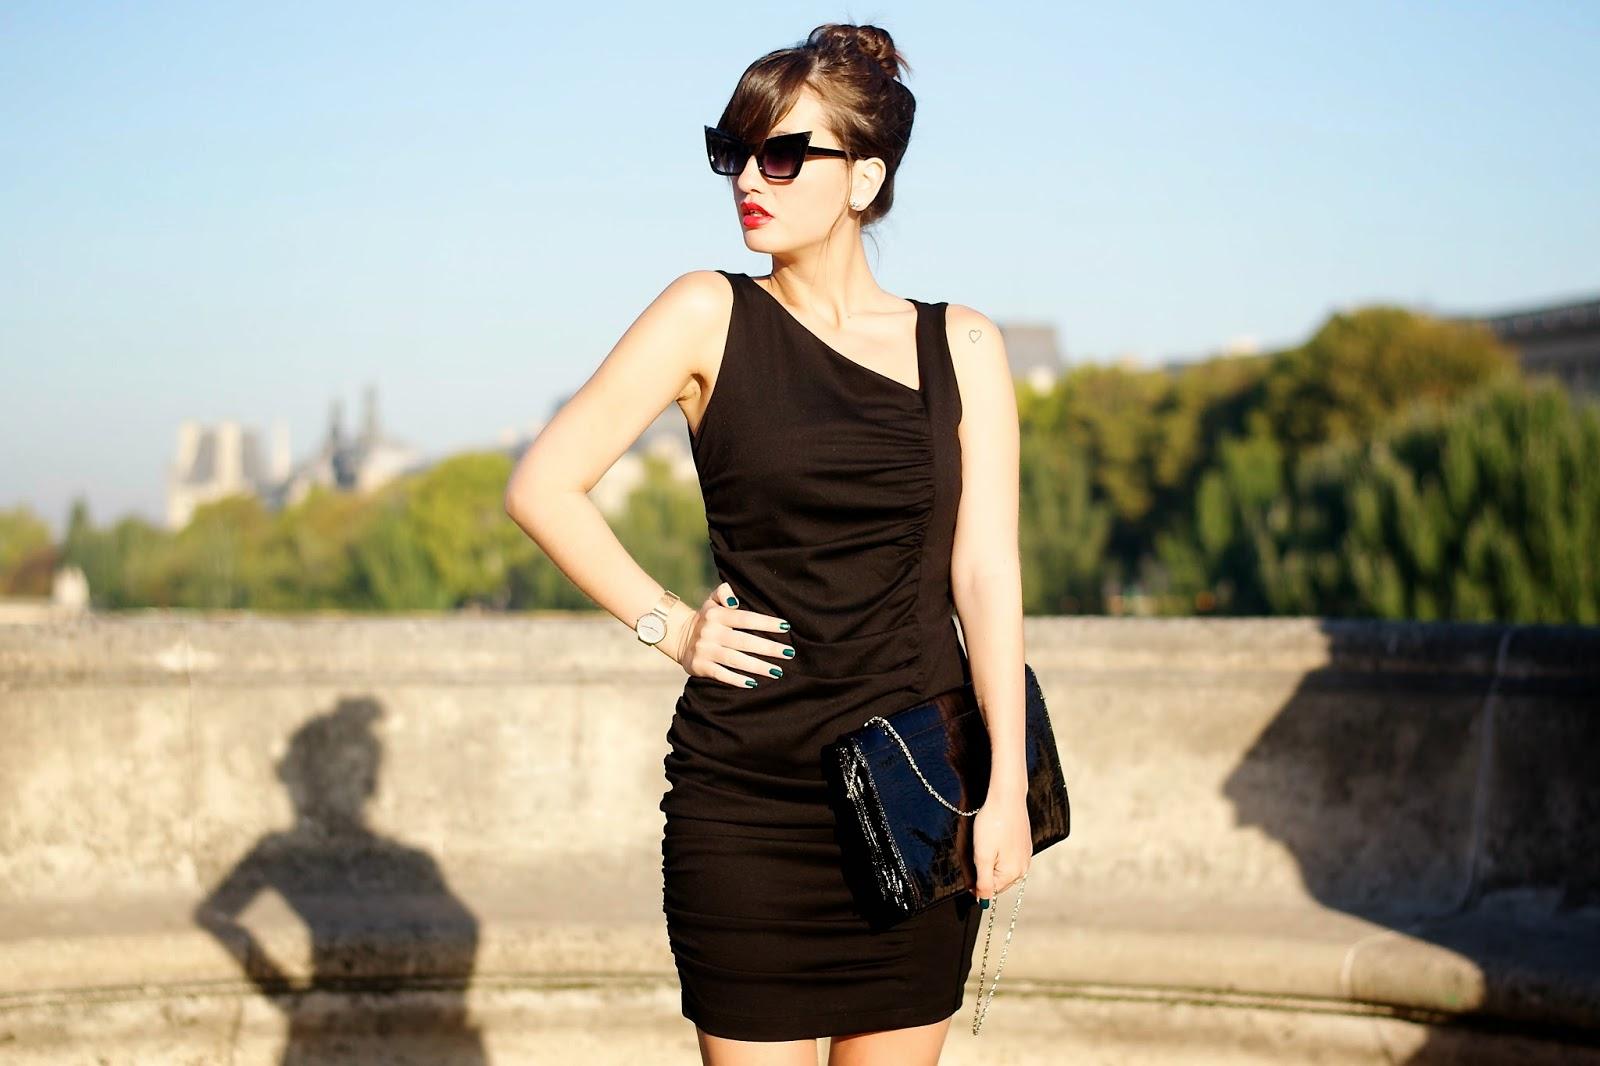 奥黛丽·赫本(Audrey Hepburn)风格